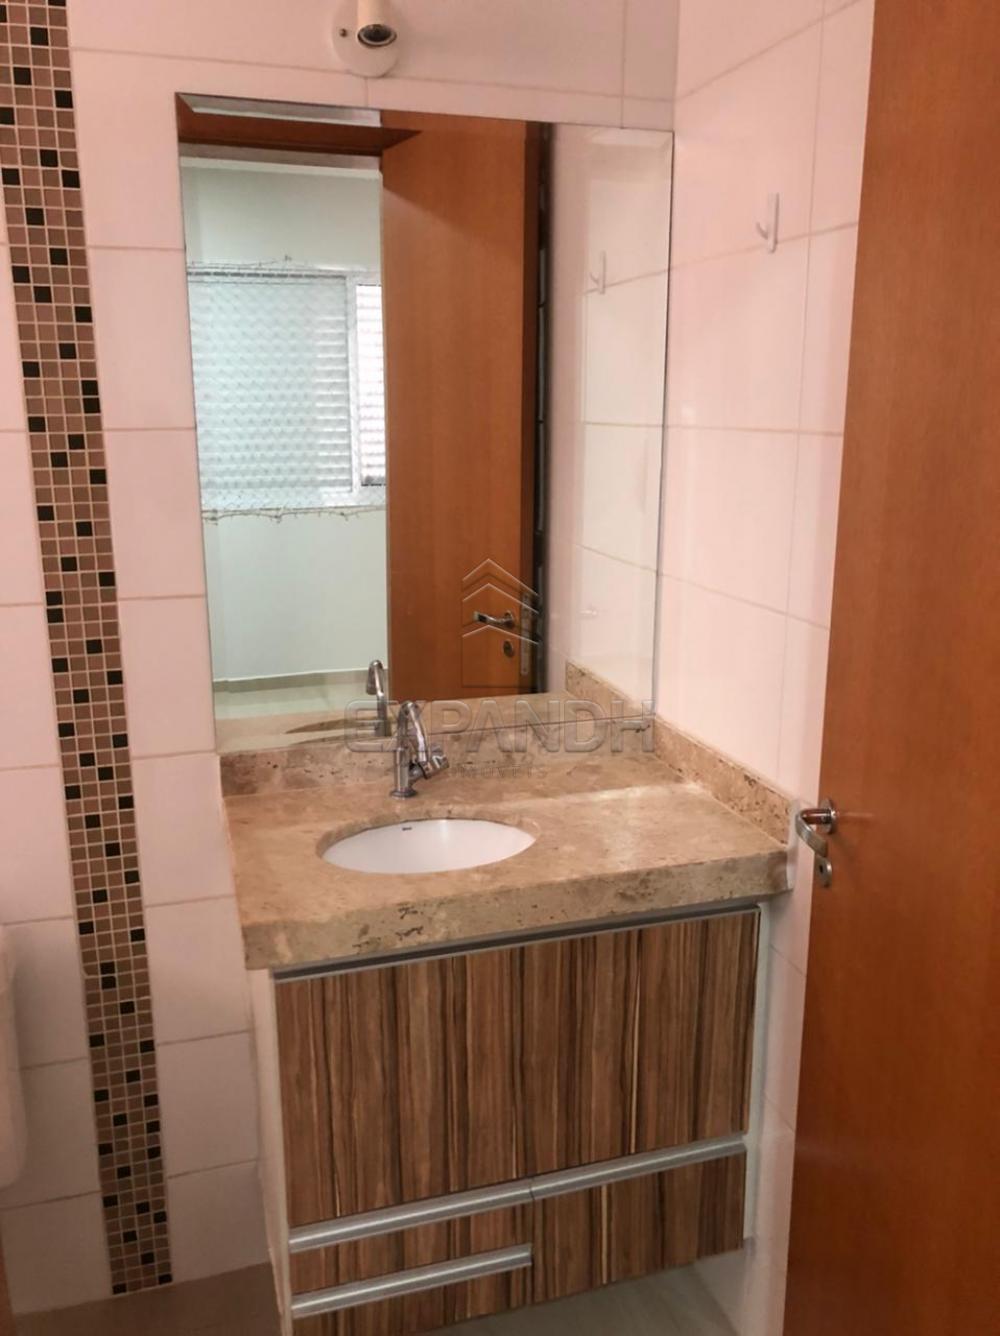 Alugar Apartamentos / Padrão em Sertãozinho apenas R$ 1.250,00 - Foto 17